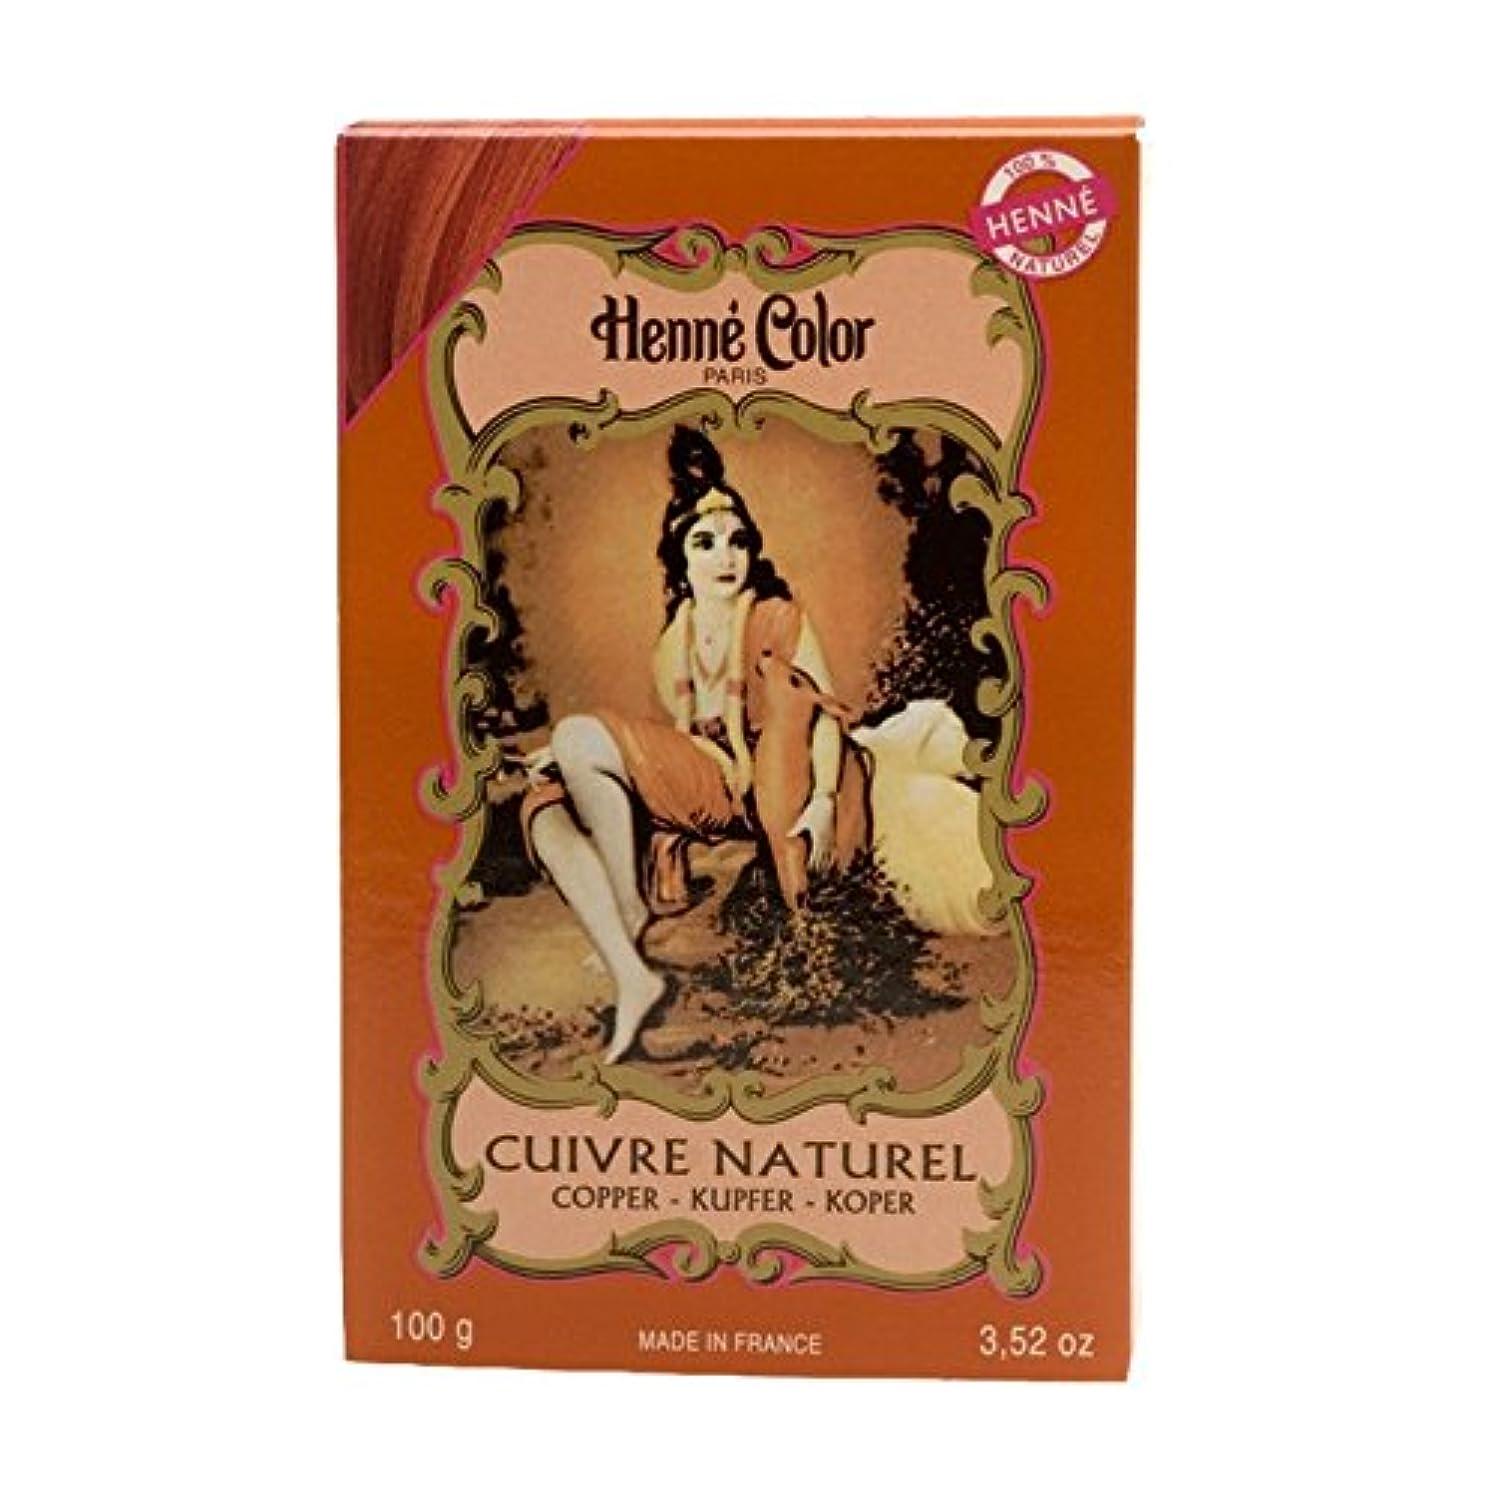 ラオス人葉巻アスペクトヘンカラーヘナパウダーヘアカラー銅赤100グラム - Henne Color Henna Powder Hair Colour Copper Red 100g (Henne Color) [並行輸入品]